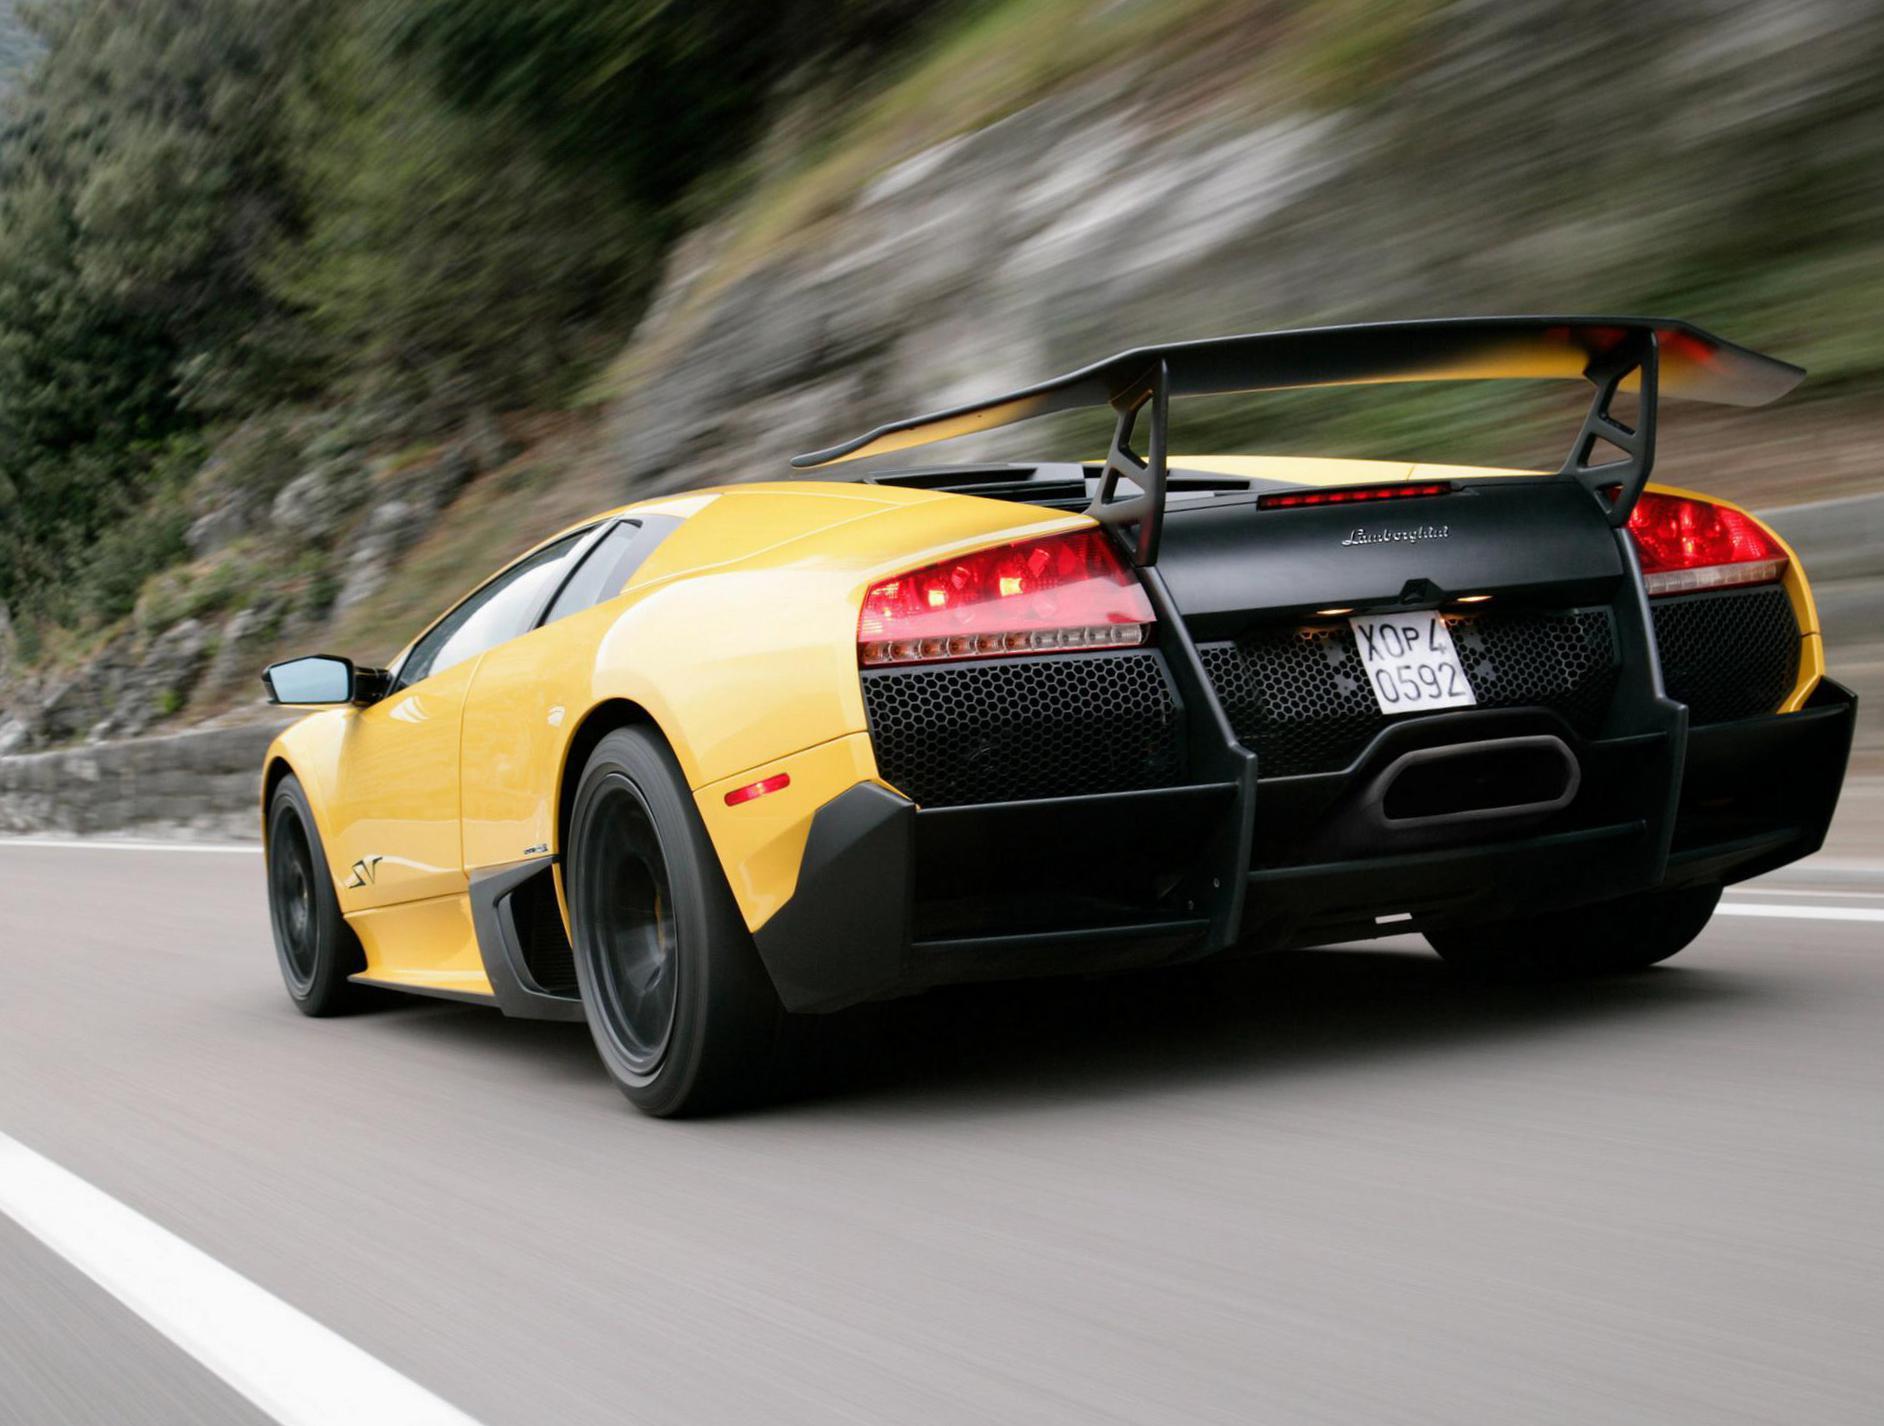 Lamborghini Murcielago Lp 670 4 Superveloce Photos And Specs Photo